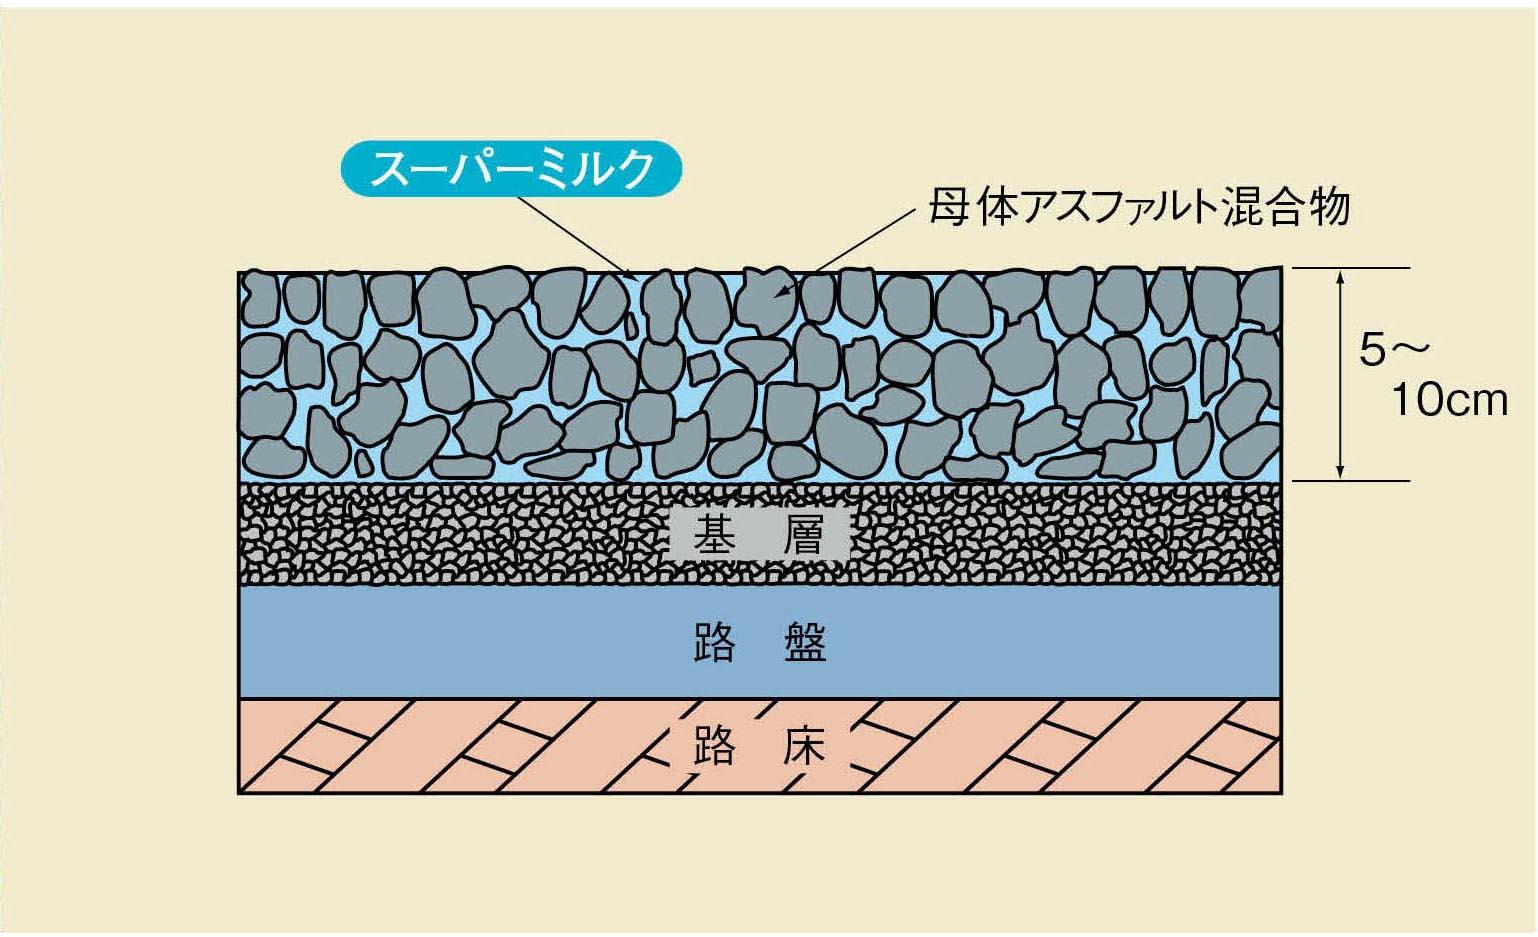 アスファルト舗装のたわみ性とコンクリート舗装の剛性の特徴を複合的に活用